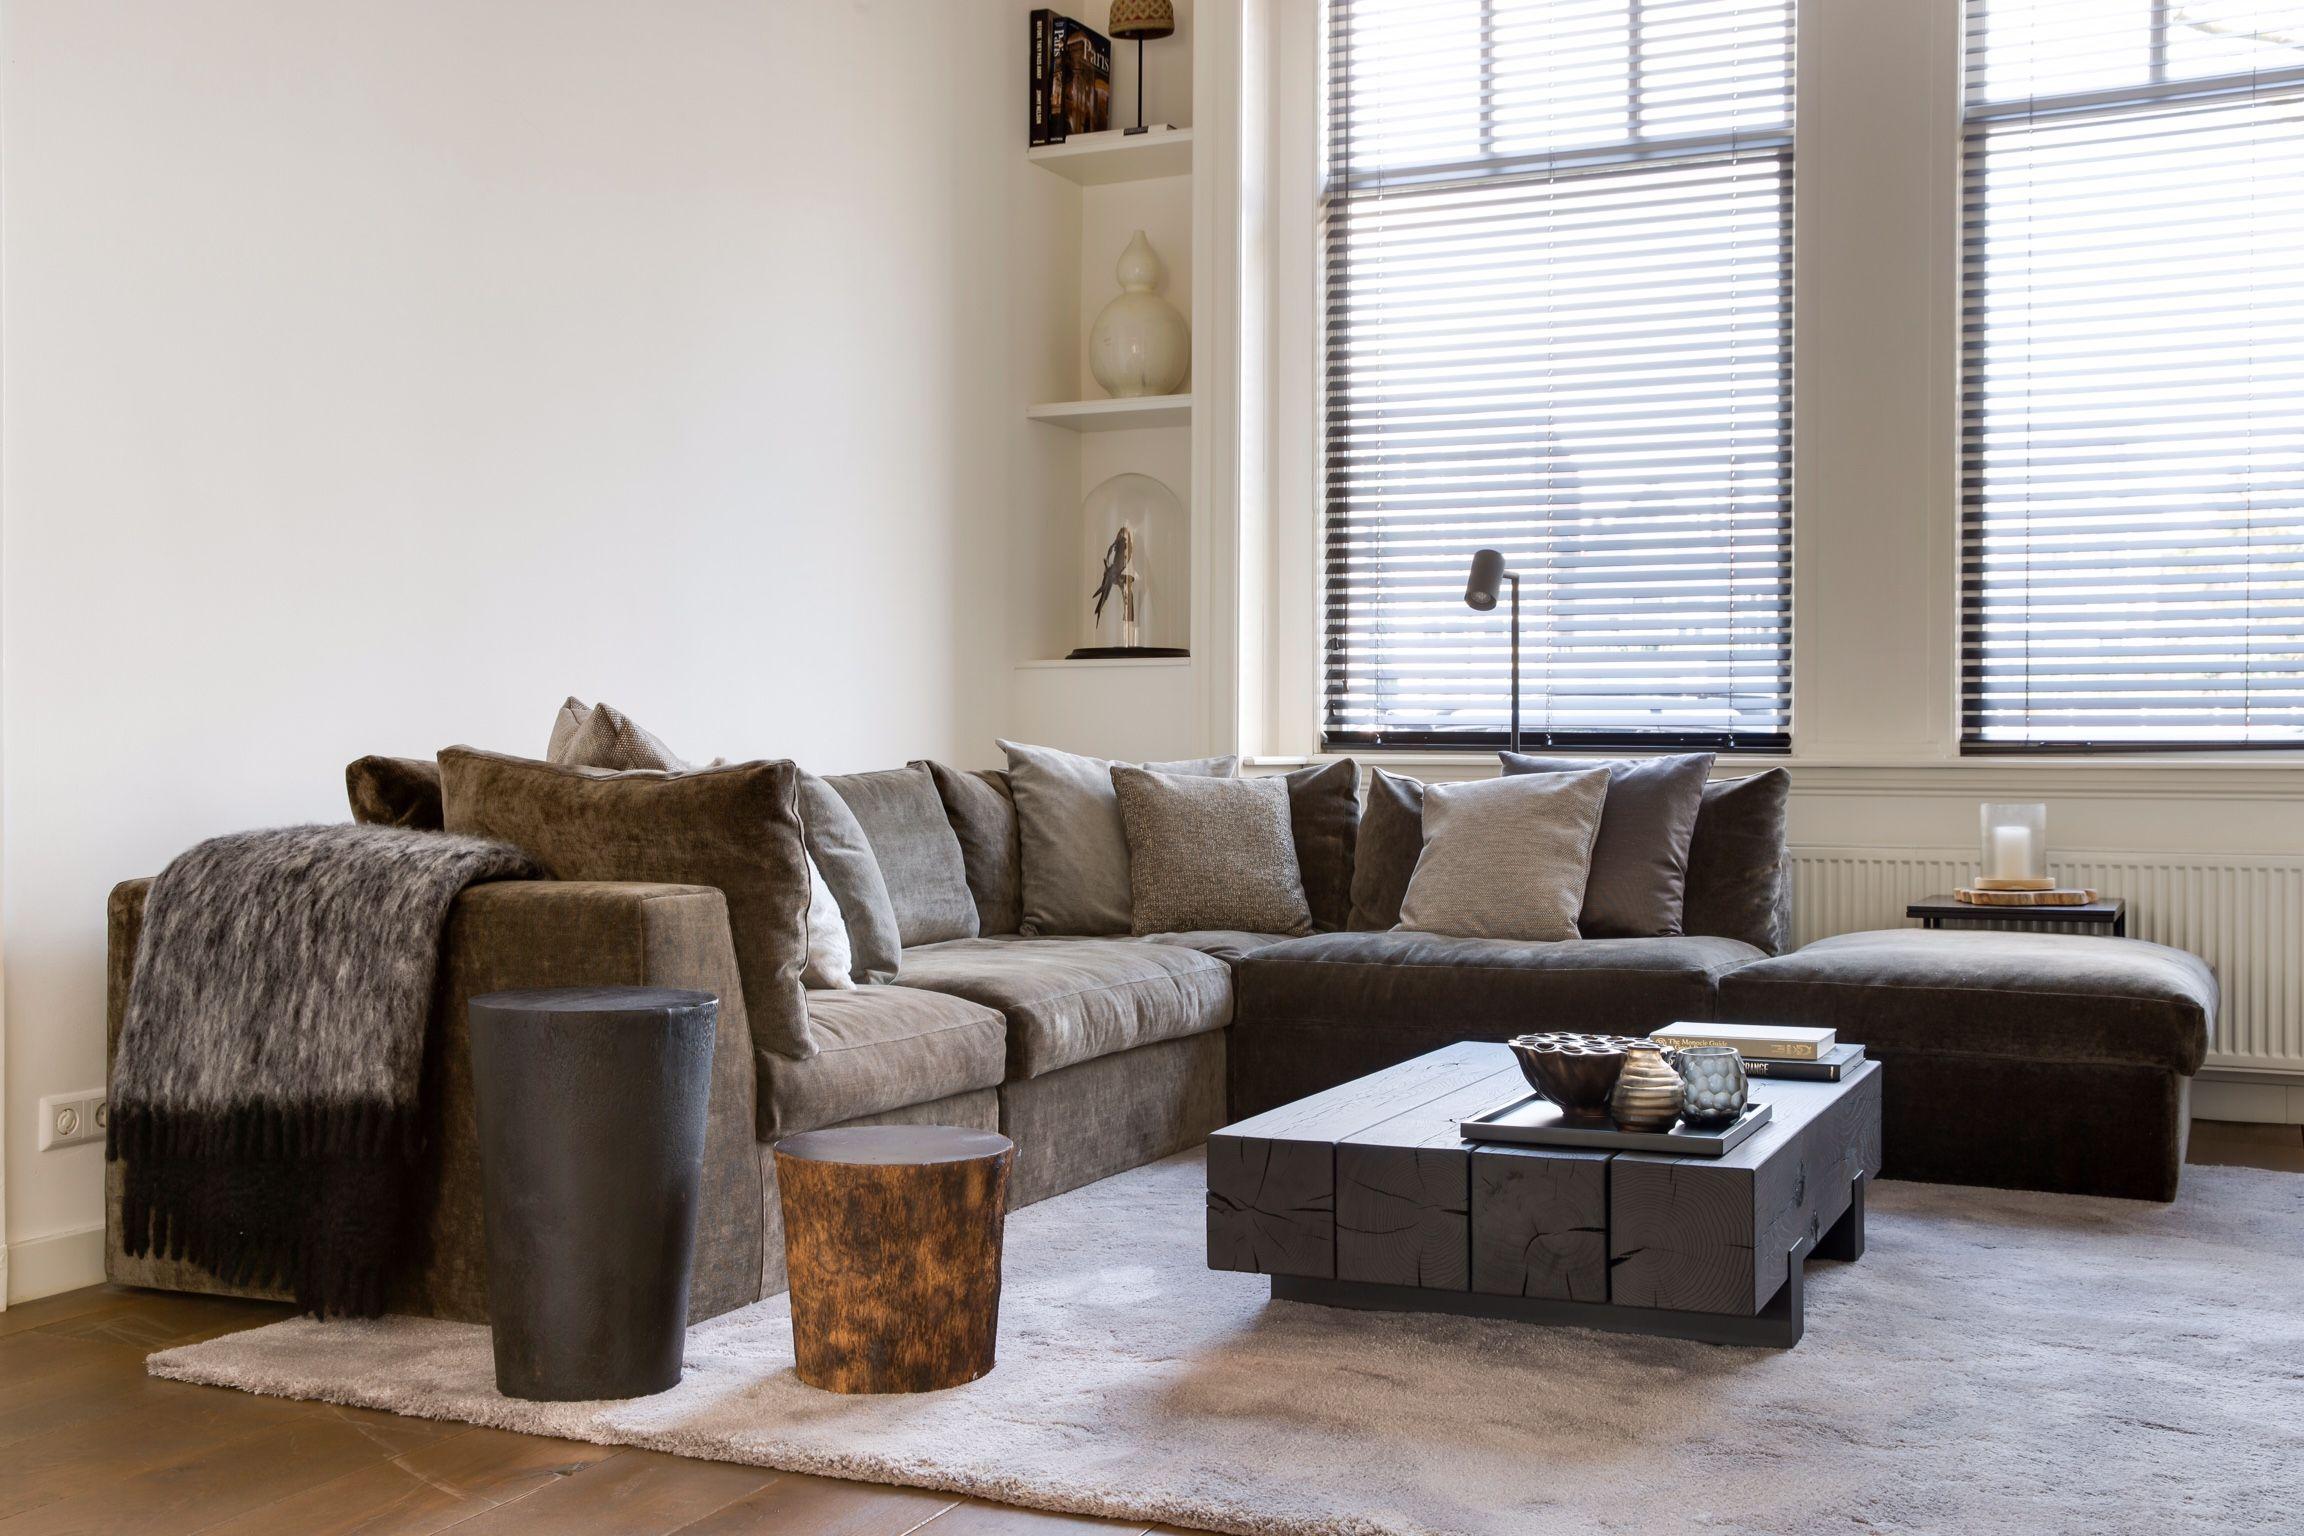 Salontafel beam van rossum meubelen door clairz interior design